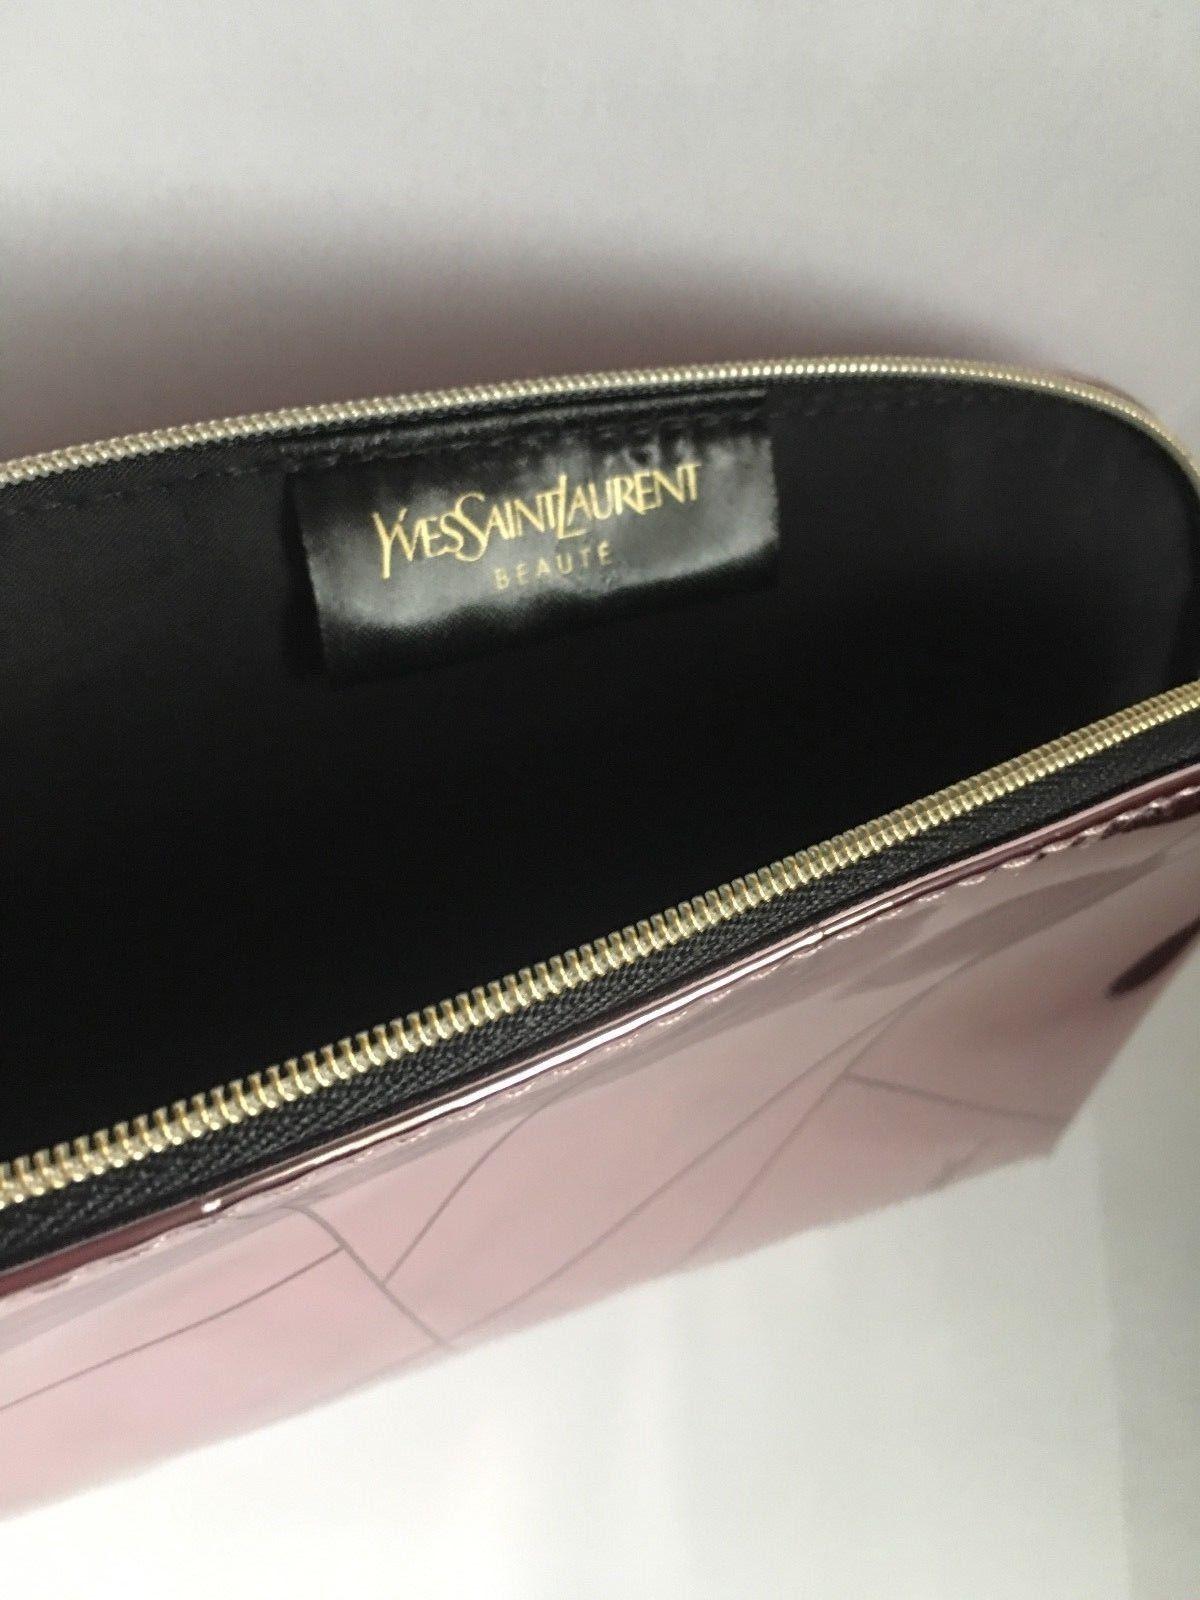 d6c2210c05f7 YSL Yves Saint Laurent Rose Gold Metalic Beaute Pouch Makeup Cosmetic Clutch   9.95  makeup  yves  saint  laurent